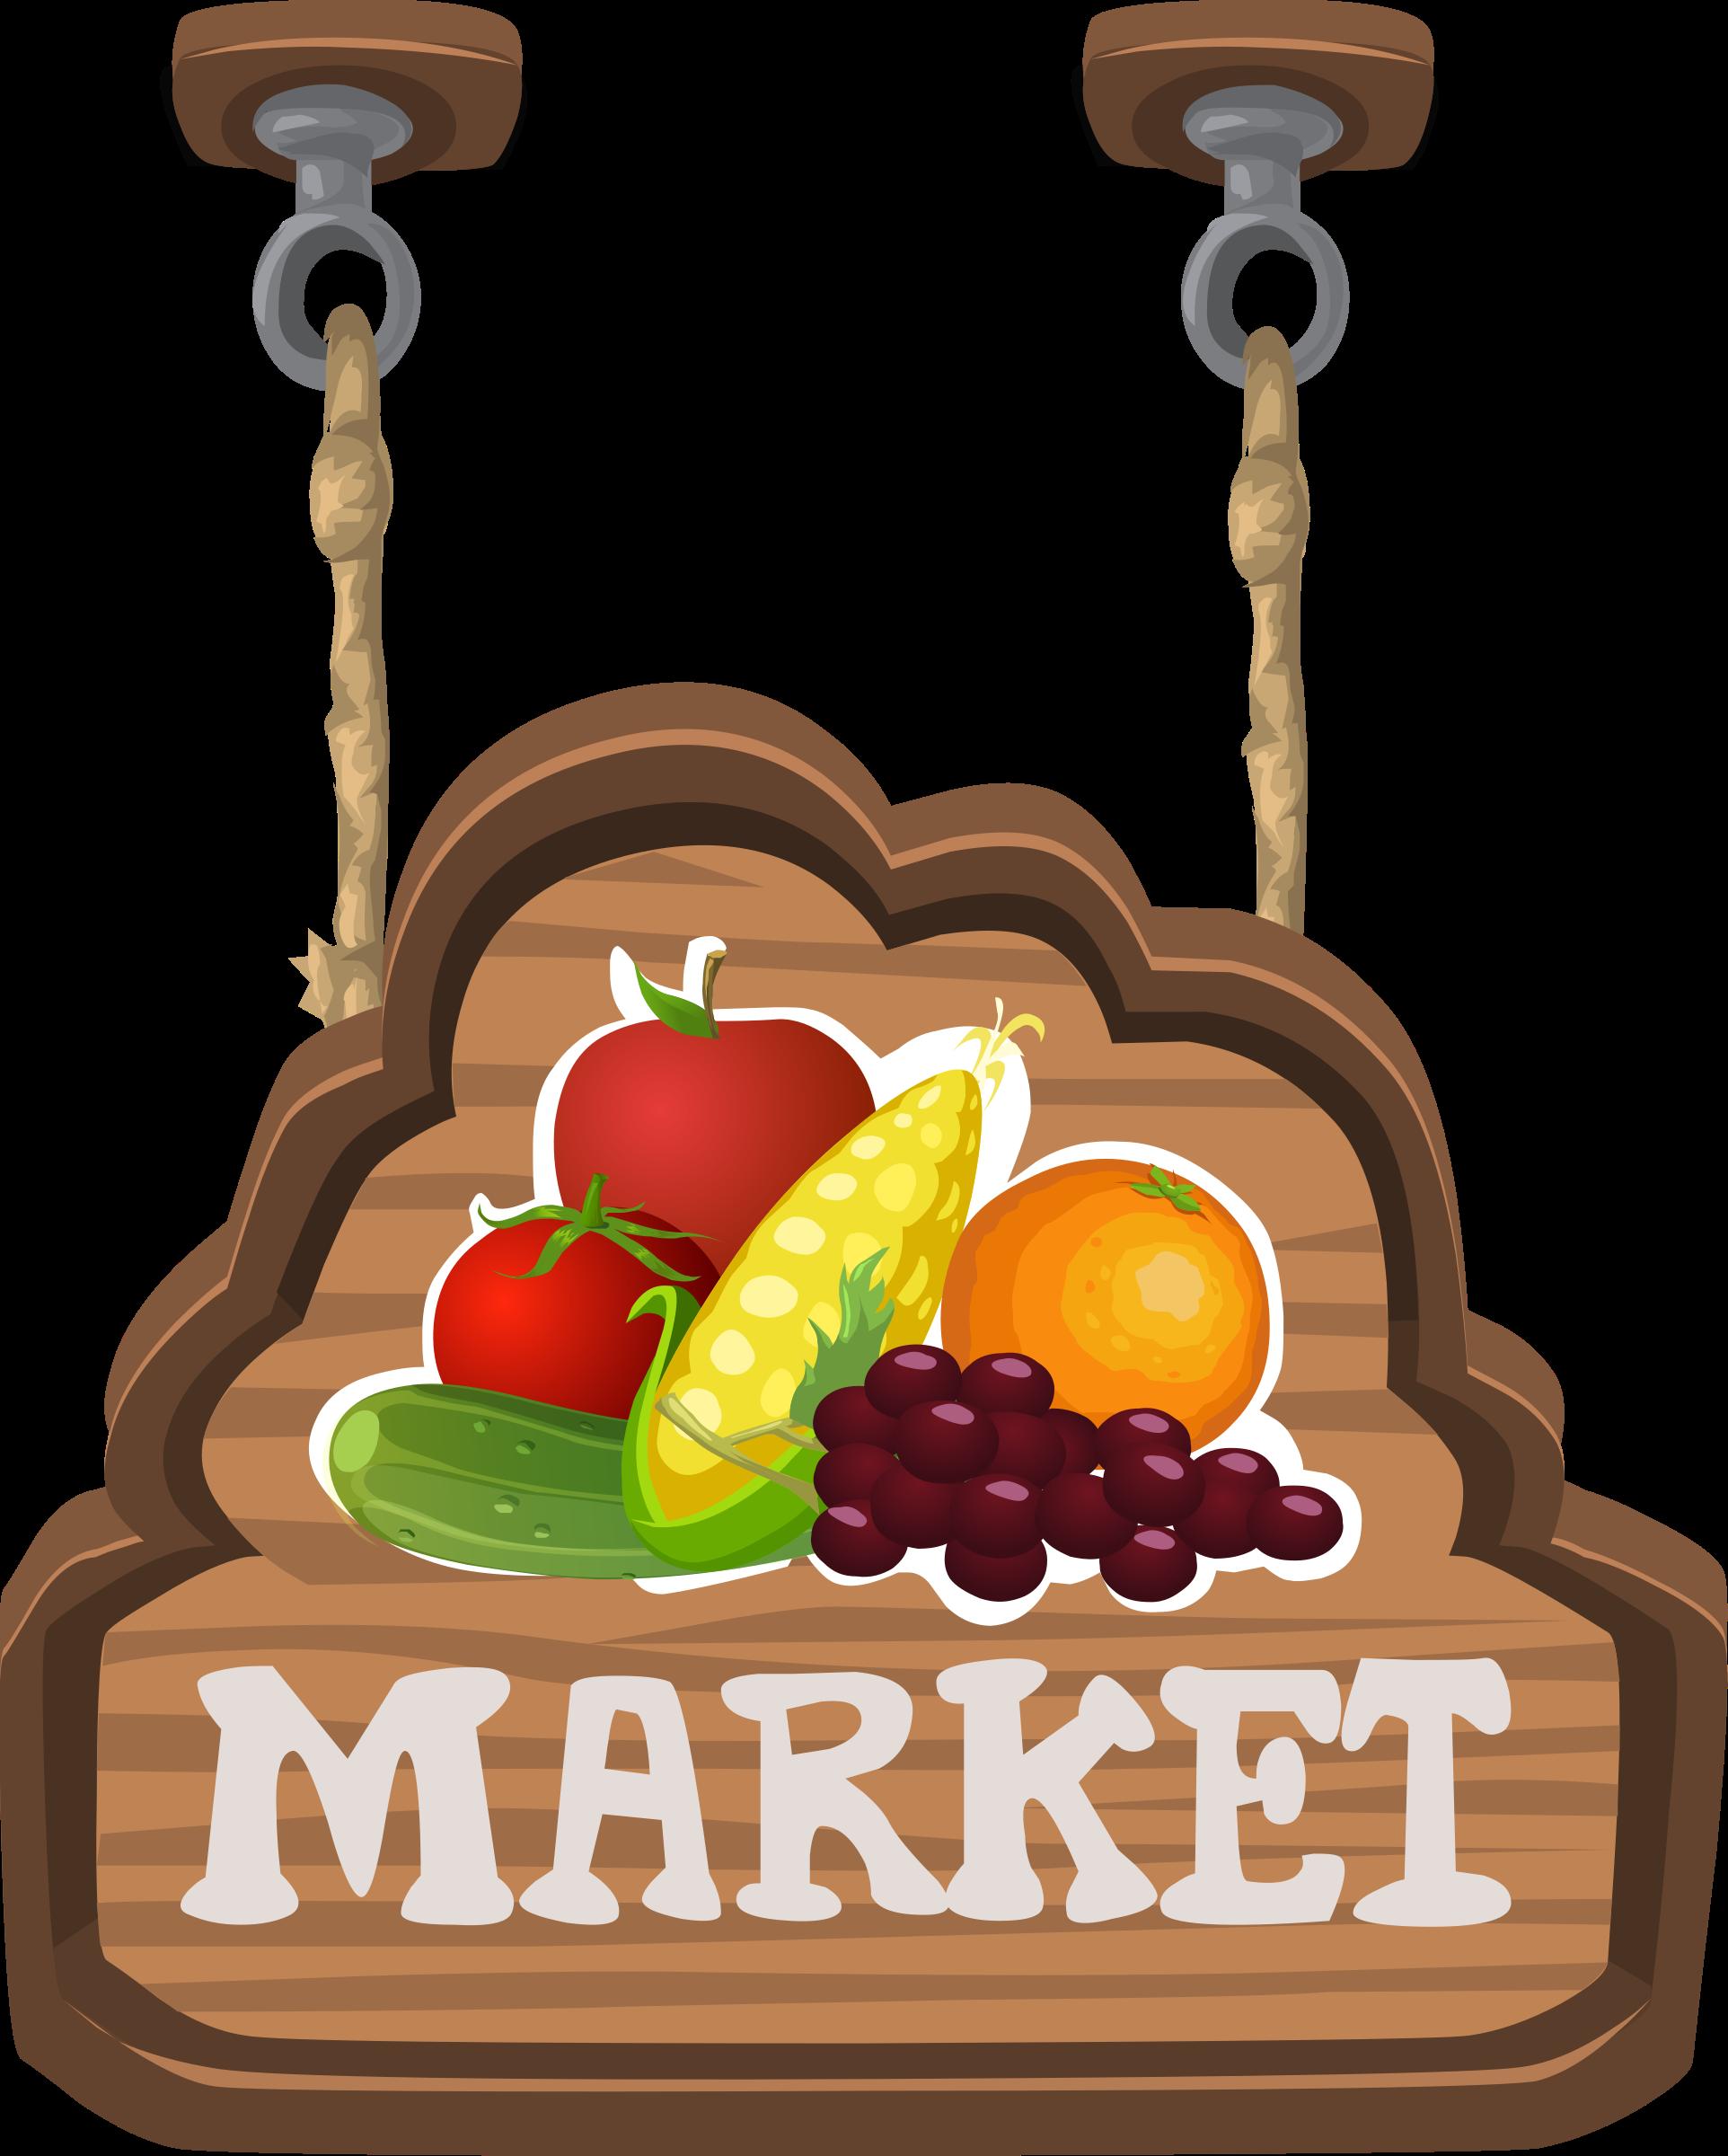 Market clipart fruit market Veg veg Clipart from Glitch